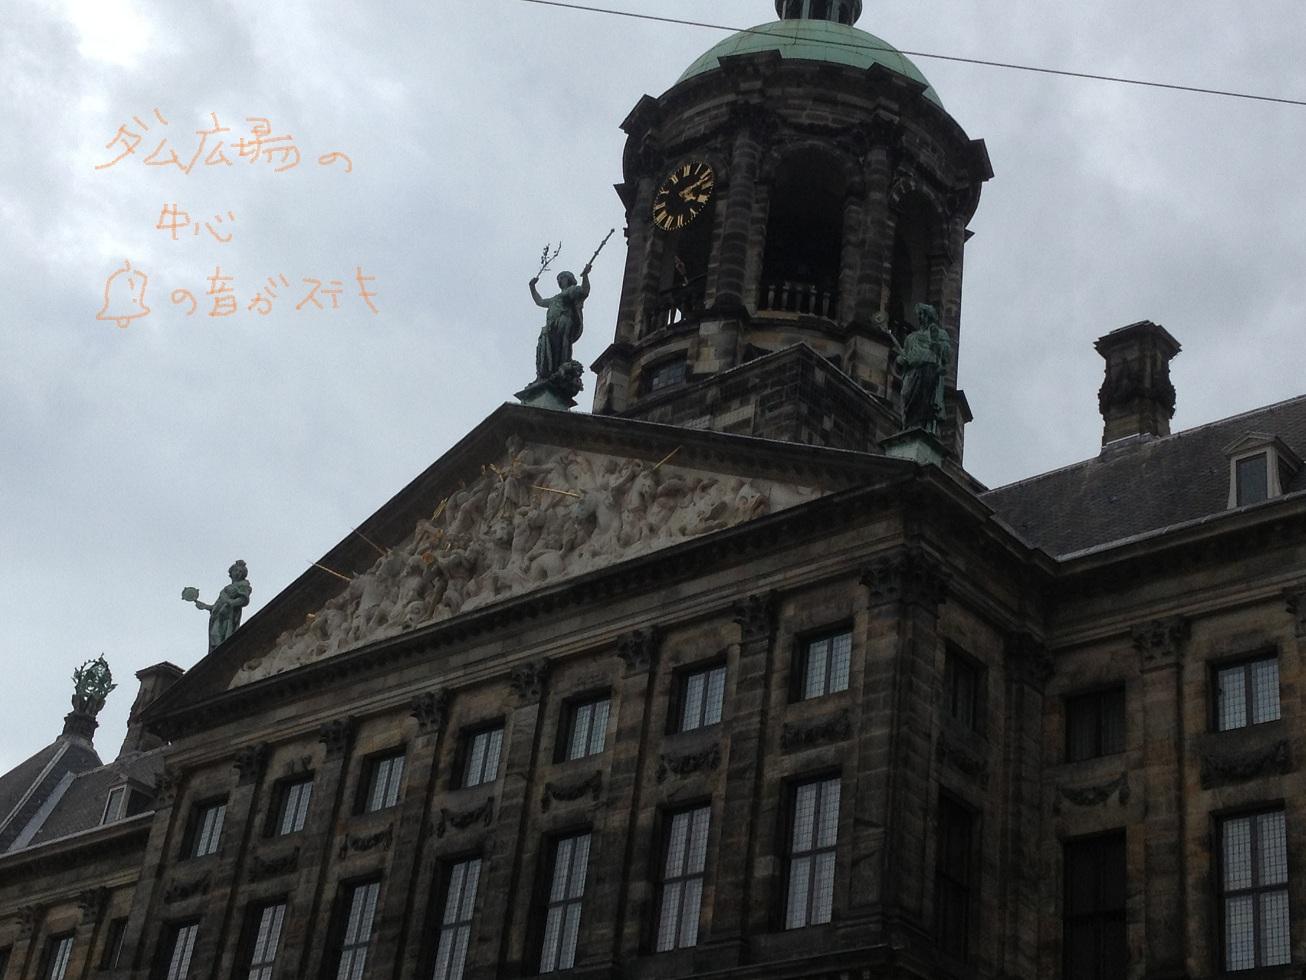 アムステルダム 1_a0088007_21412492.jpg